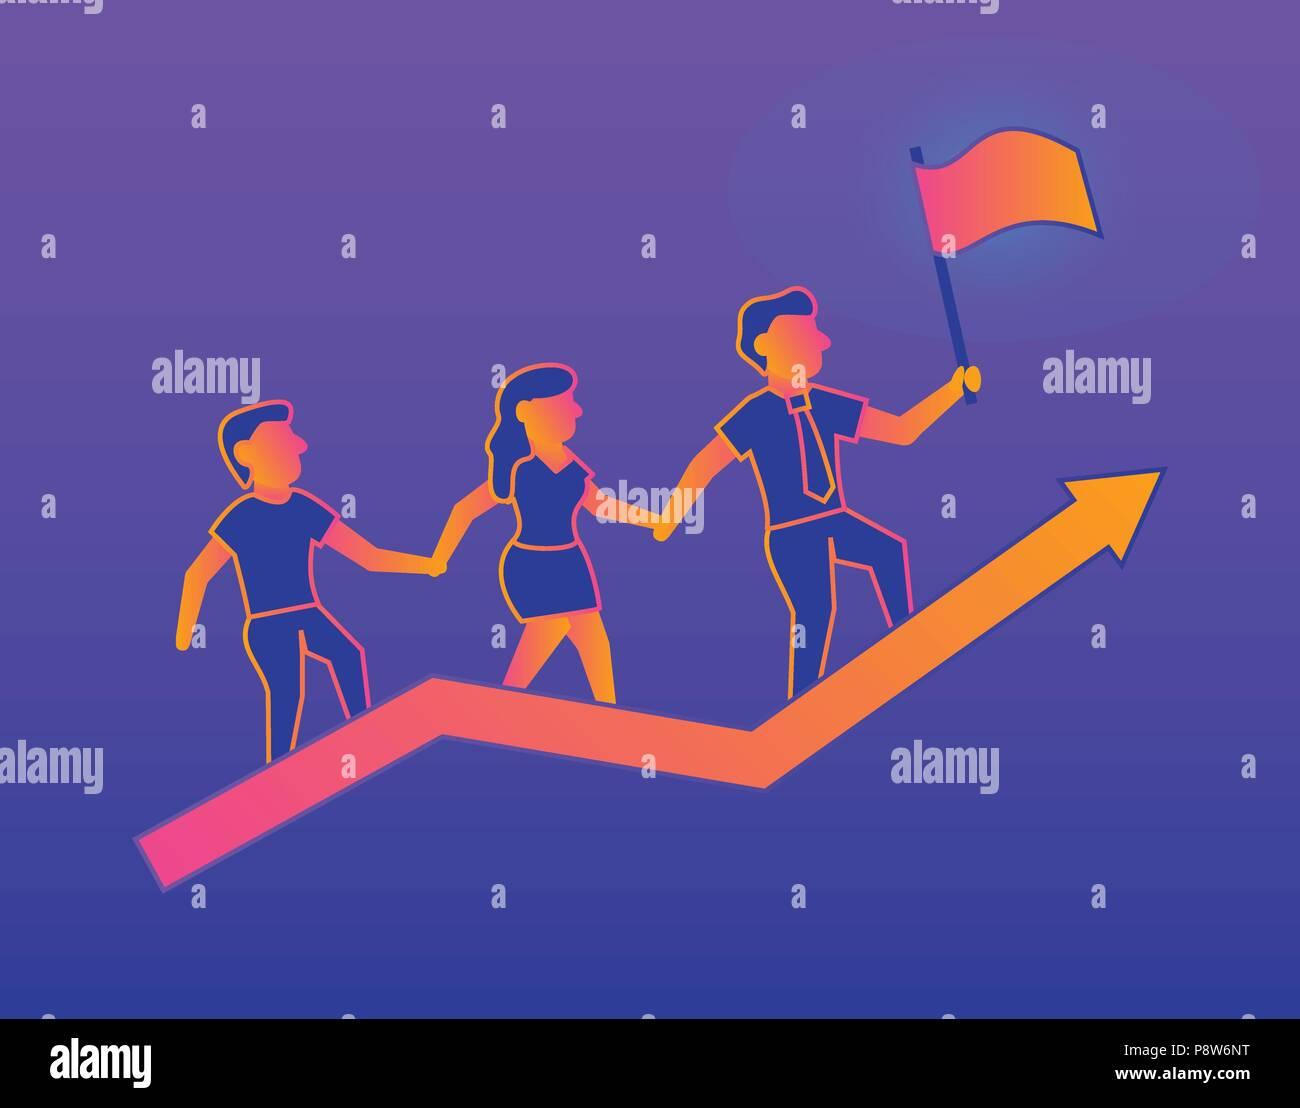 Successo gradienti illustrazione su sfondo viola Immagini Stock